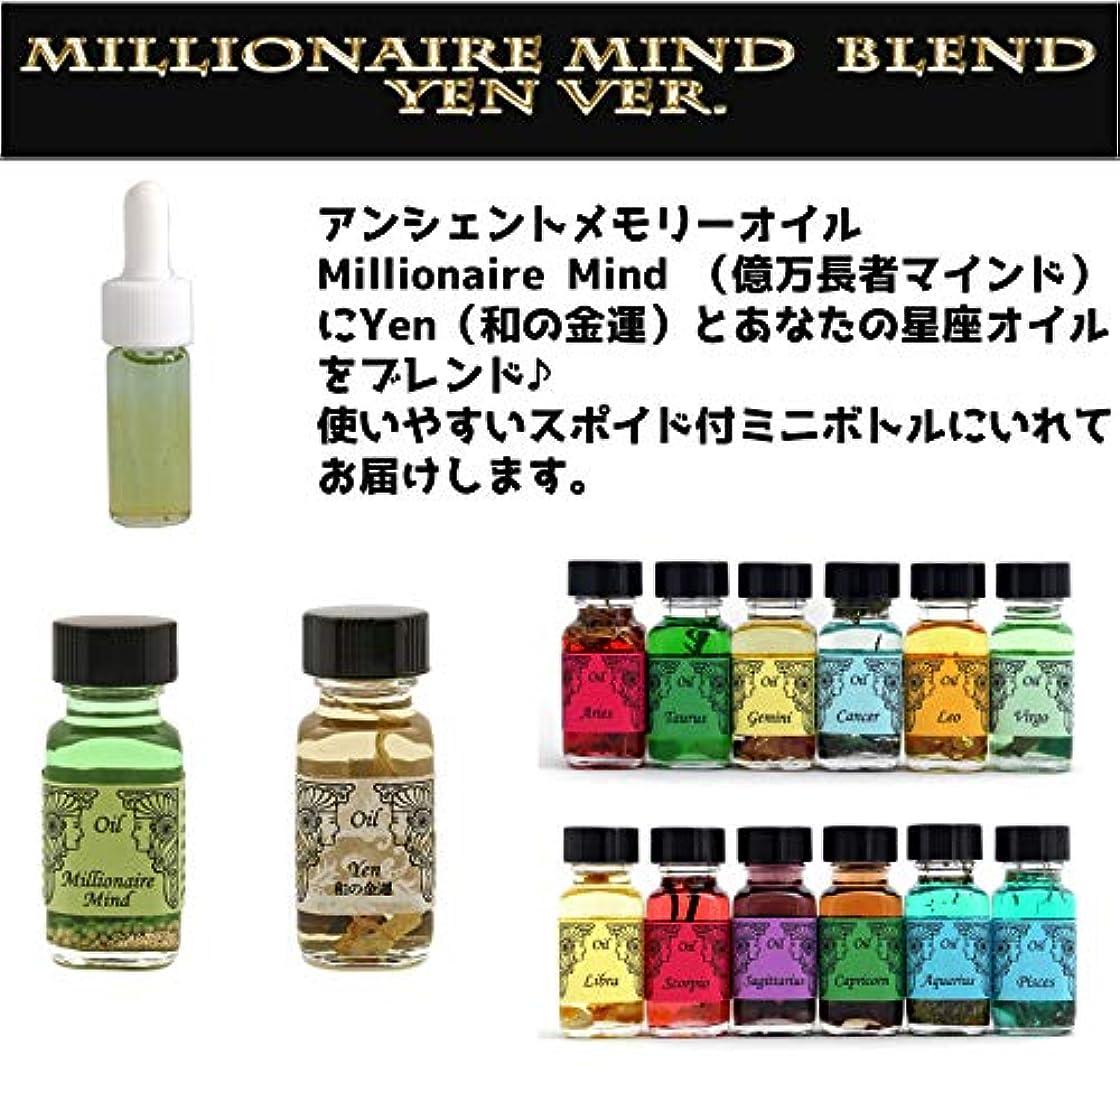 スピン病絶妙アンシェントメモリーオイル Millionaire Mind 億万長者マインド ブレンド【Yen 和の金運&ふたご座】